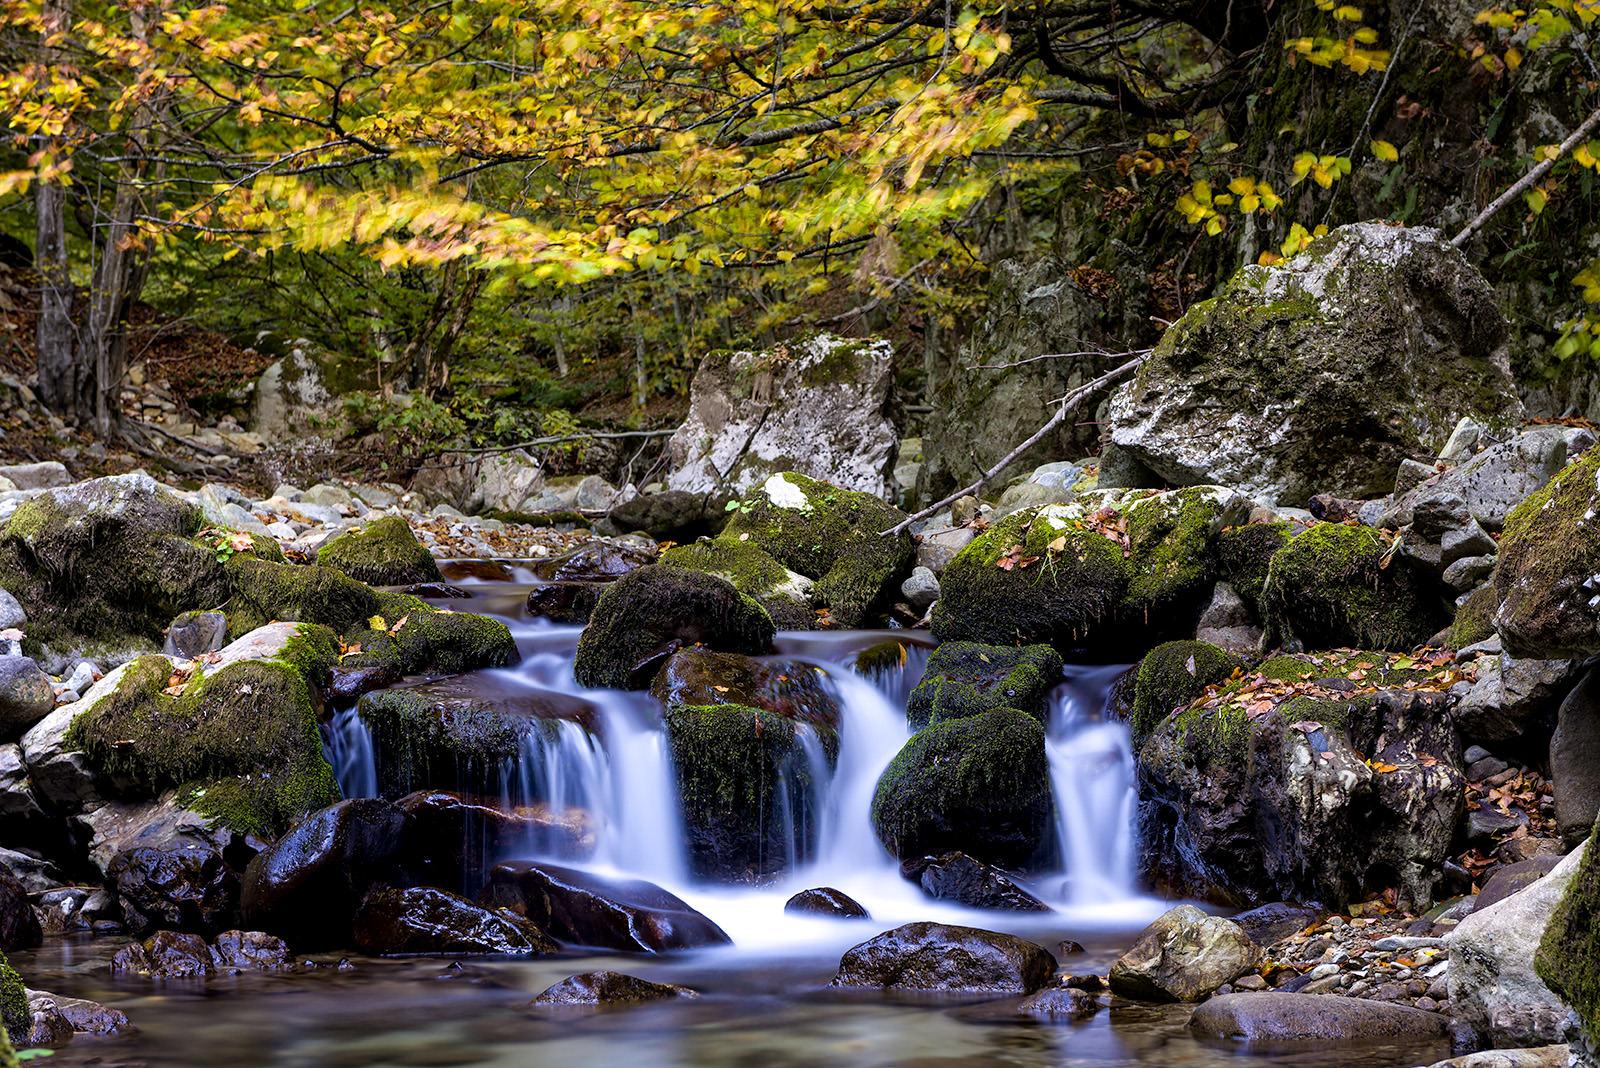 Judetul Gorj - Valea Suseni